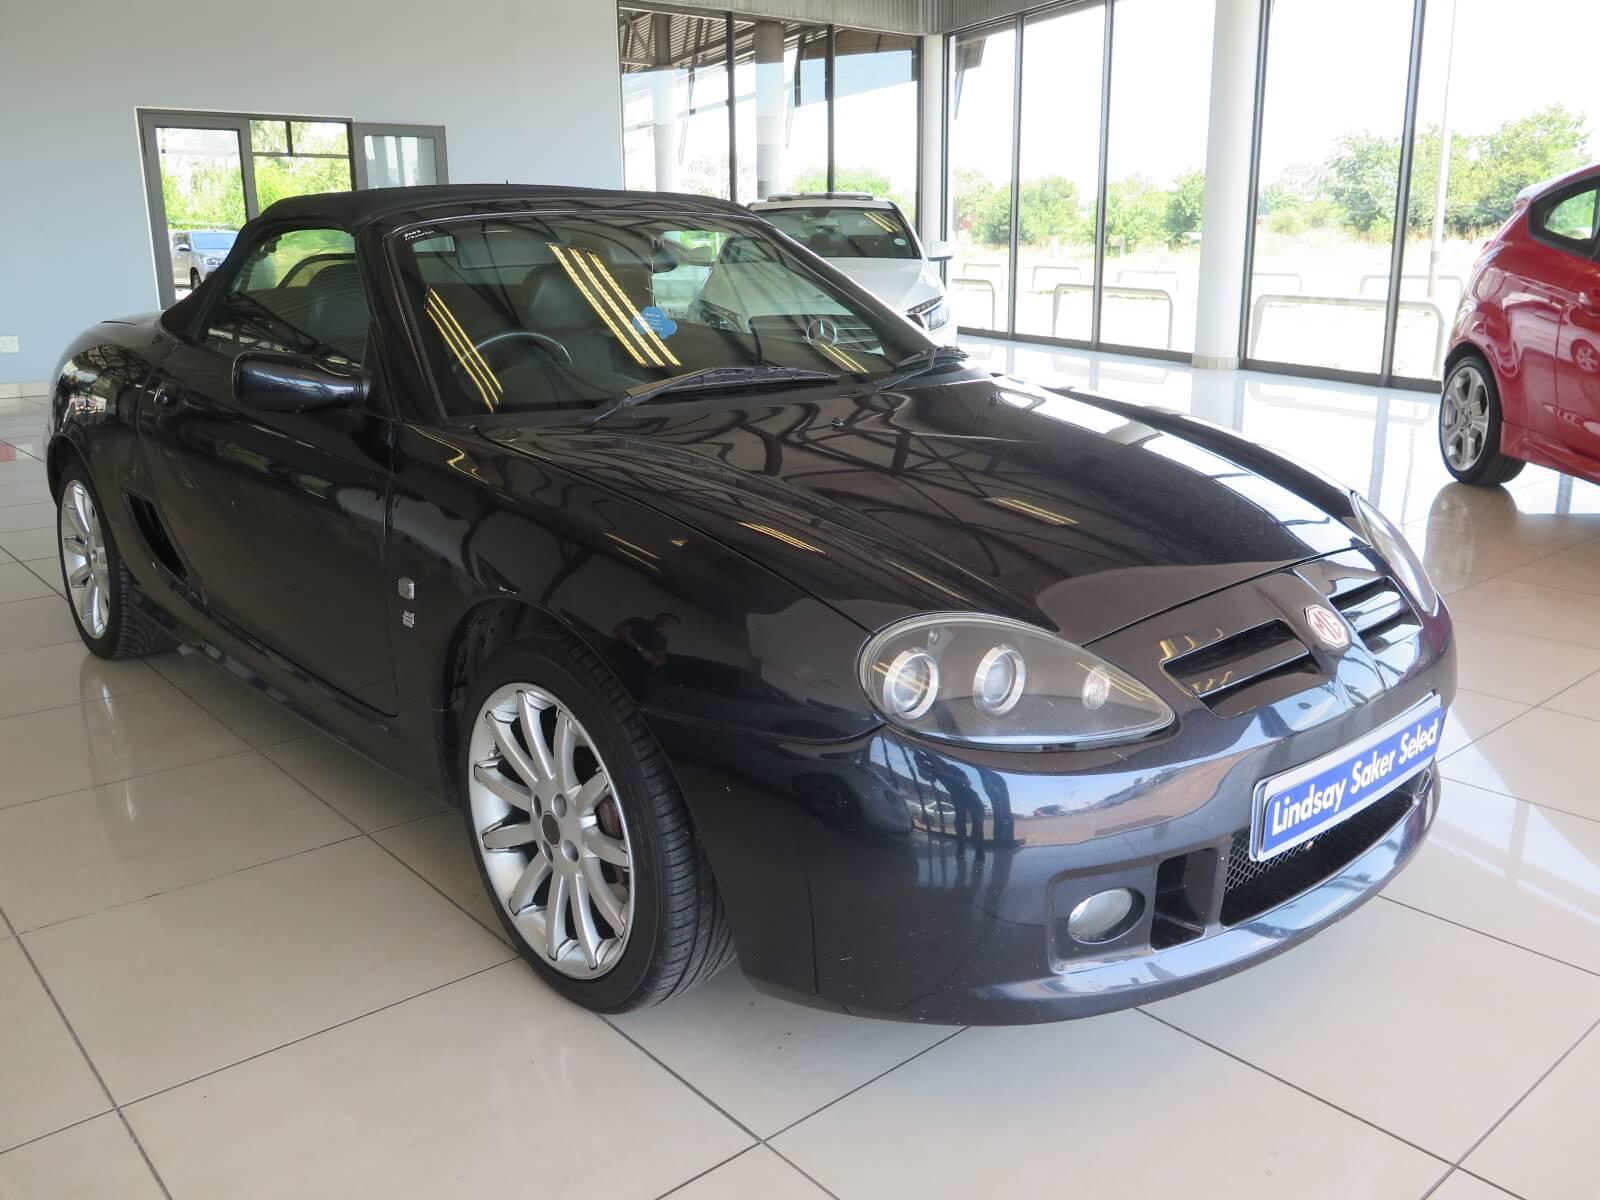 2003 MG TF 160